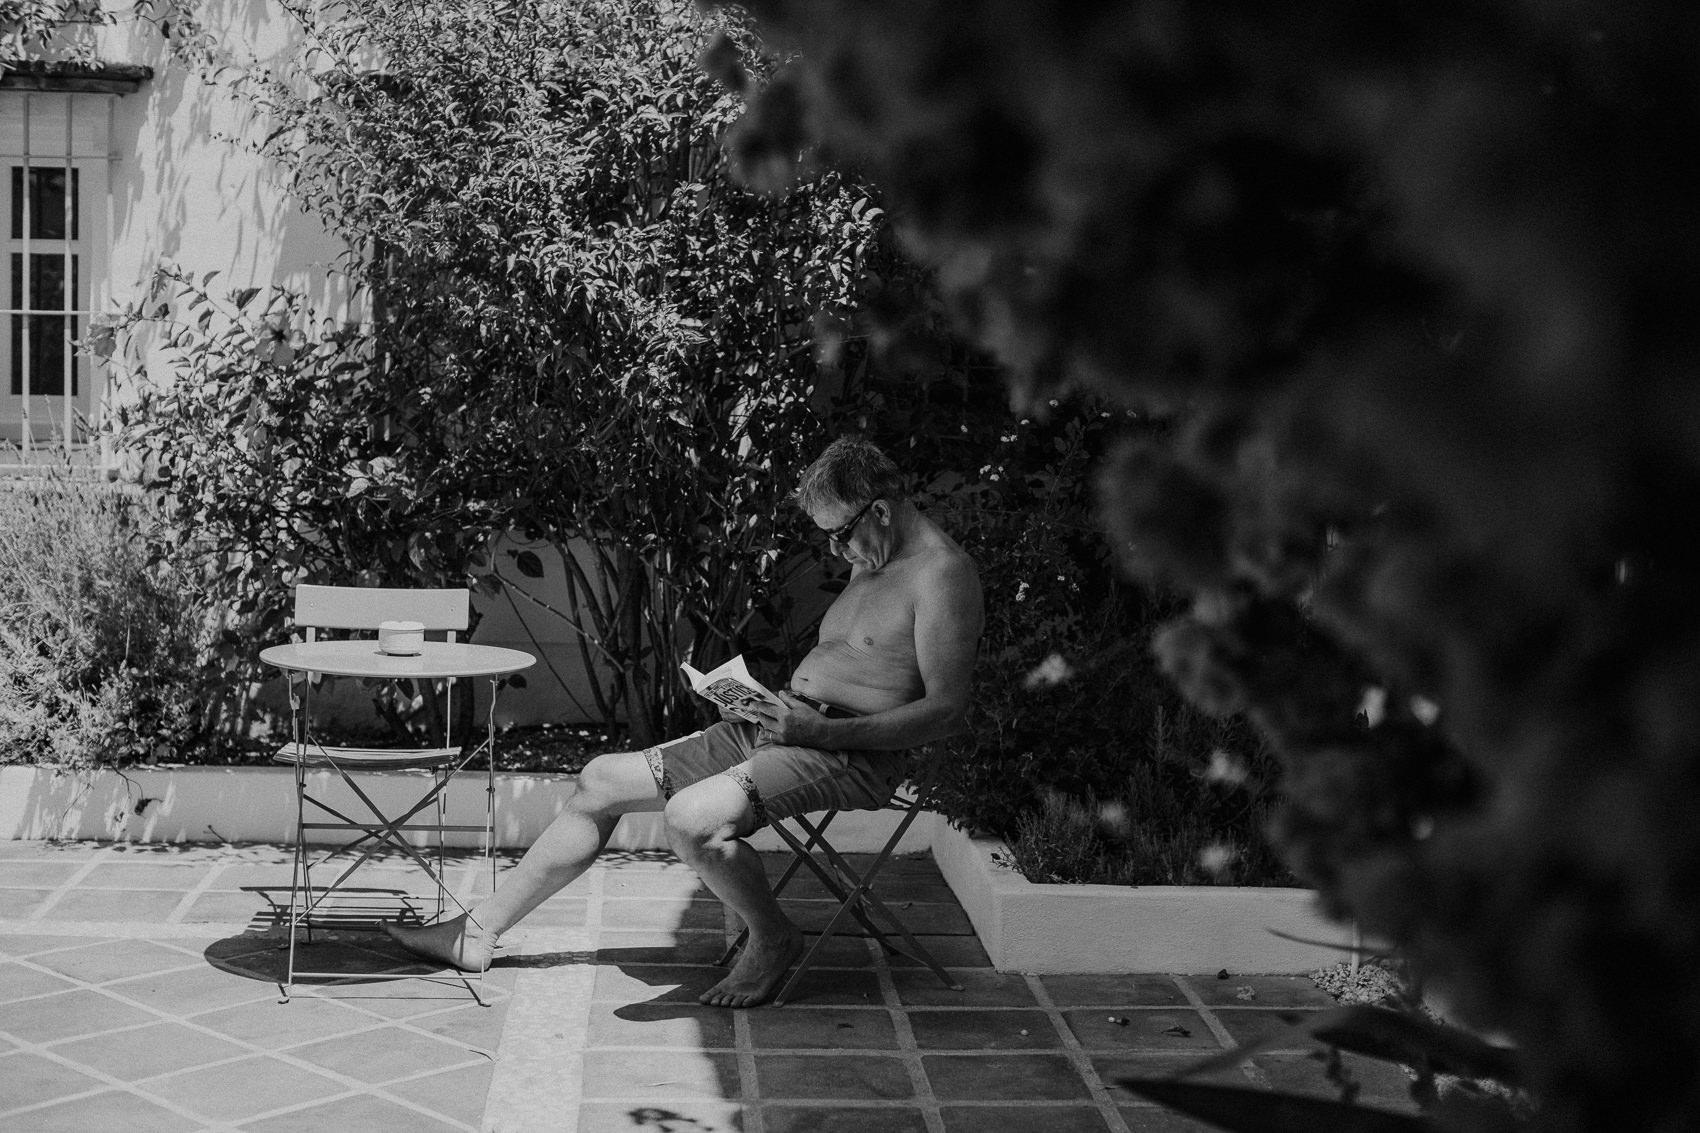 Sarah & Bill | Summer wedding at Cortijo Rosa Blanca | Marbella - Spain 9